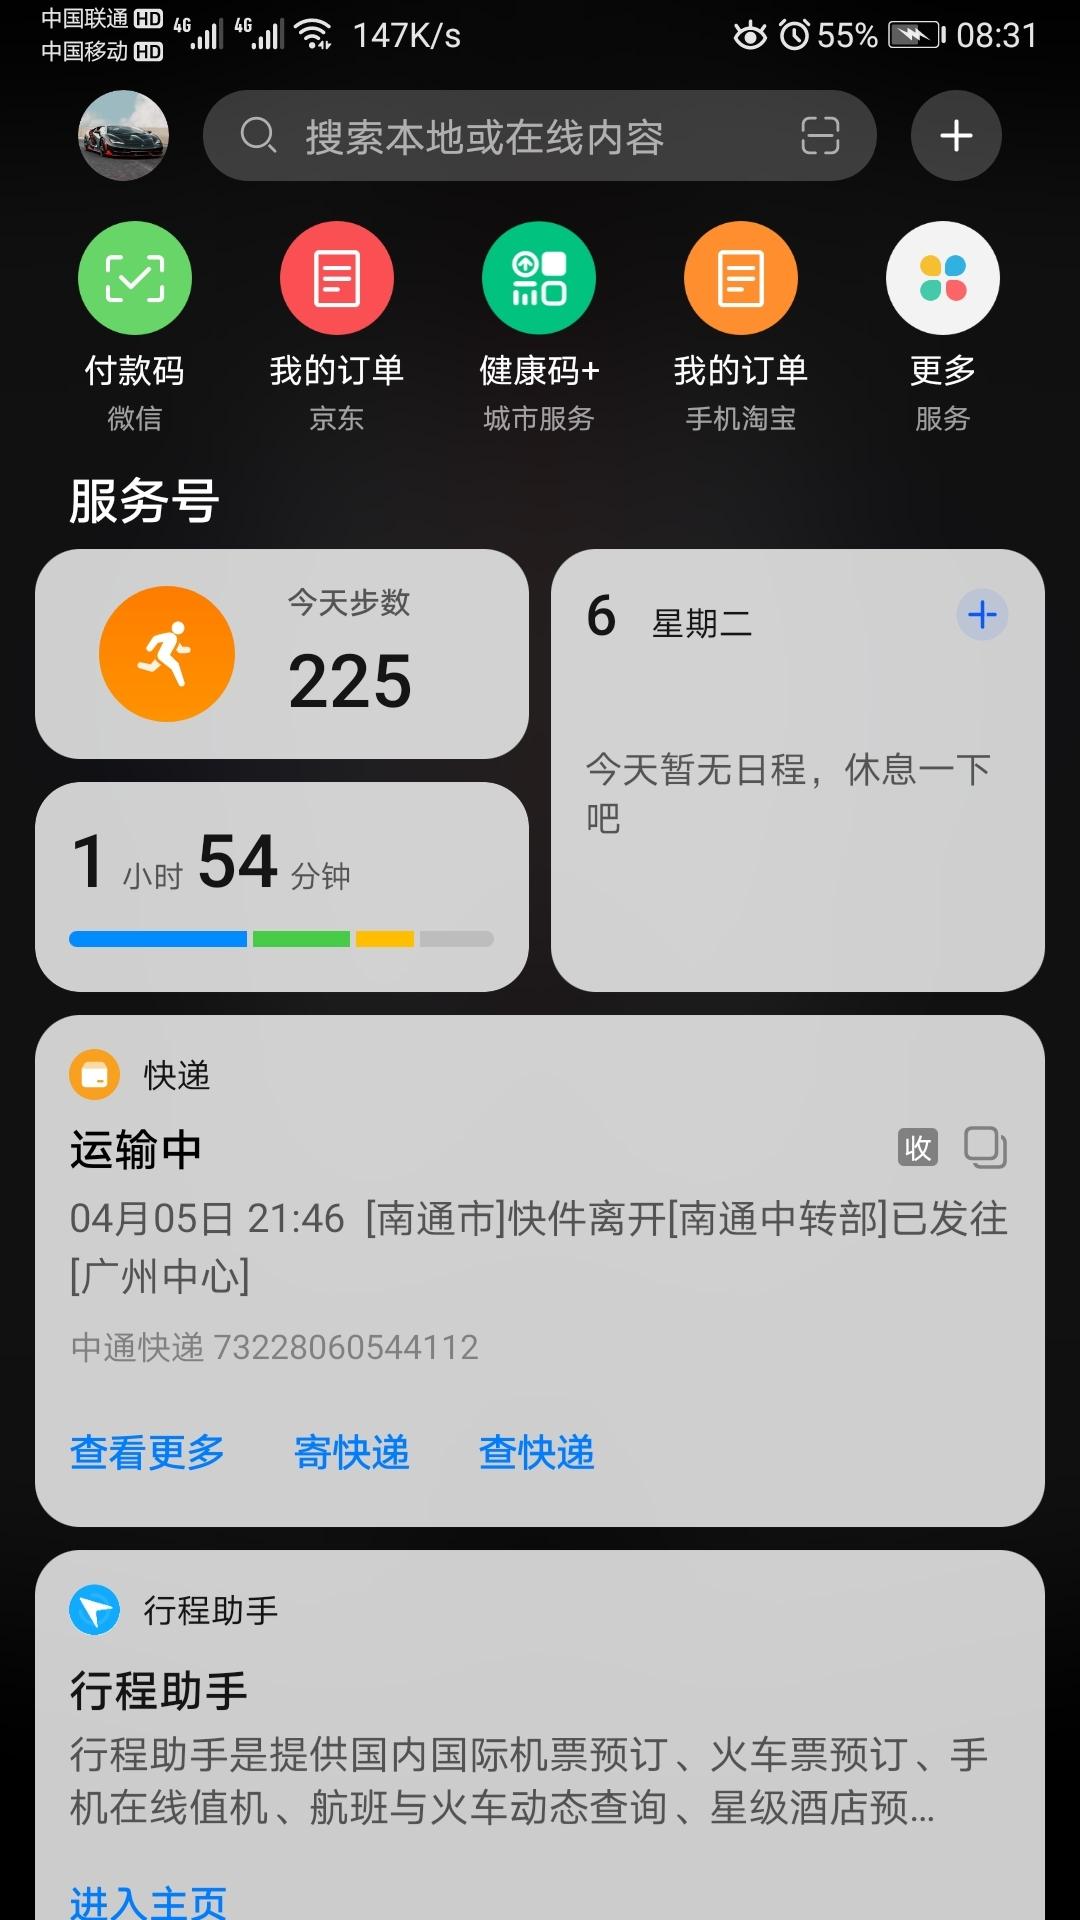 Screenshot_20210406_083122_com.huawei.android.launcher.jpg